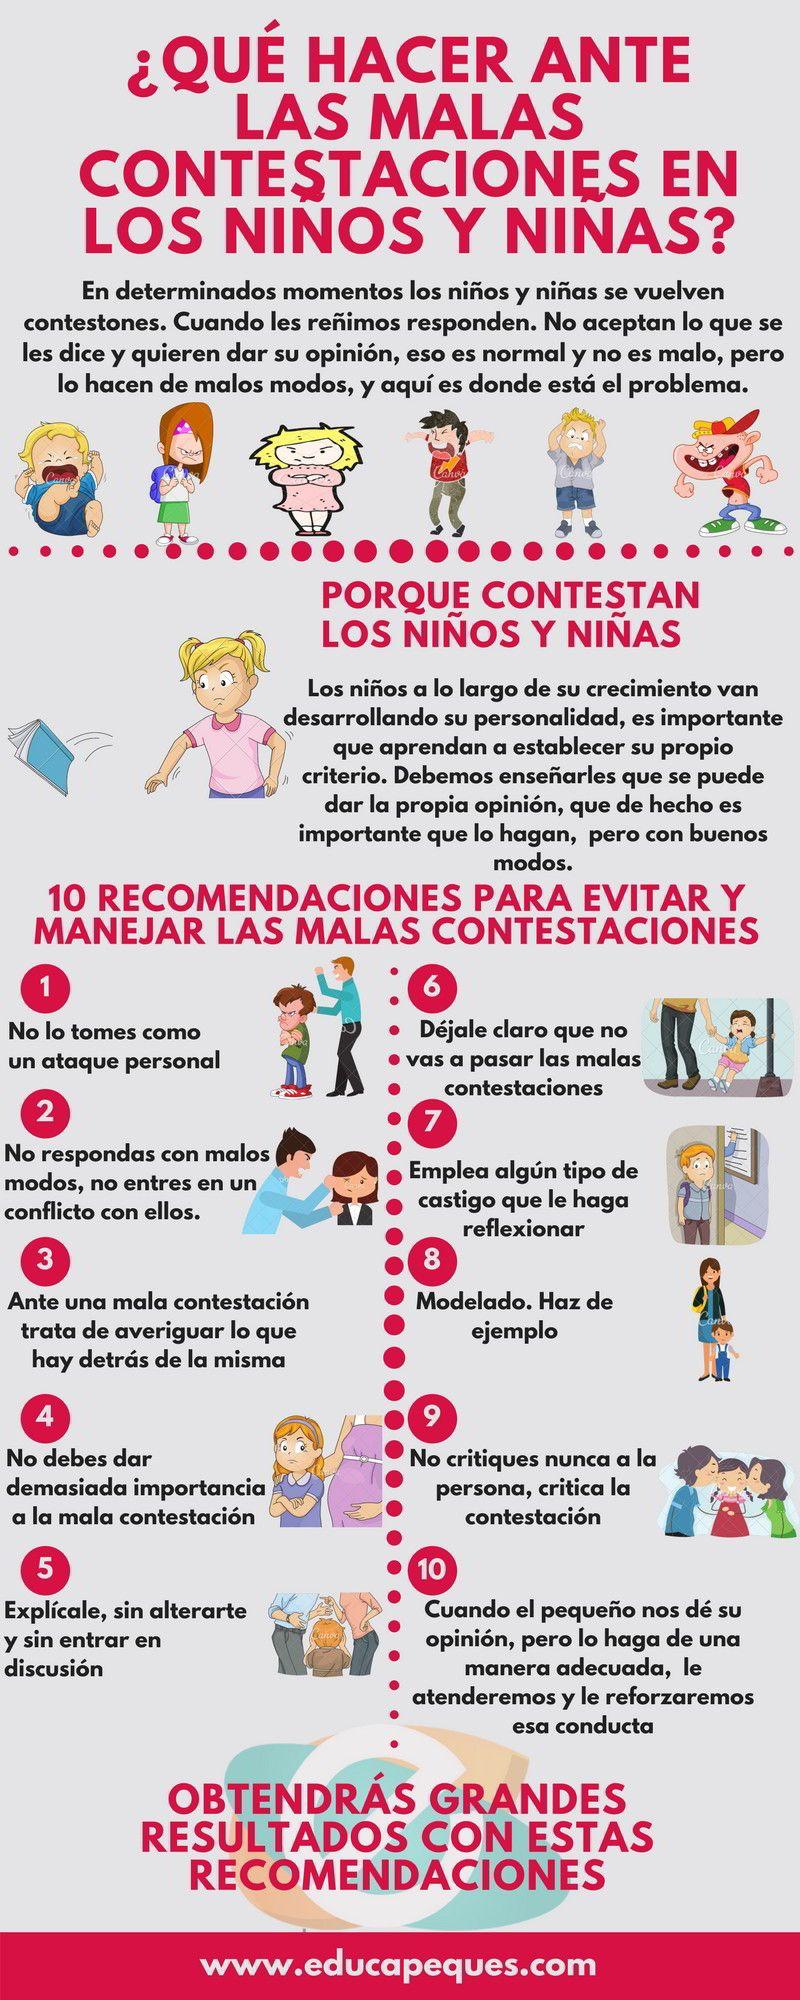 10 recomendaciones para evitar las malas contestaciones